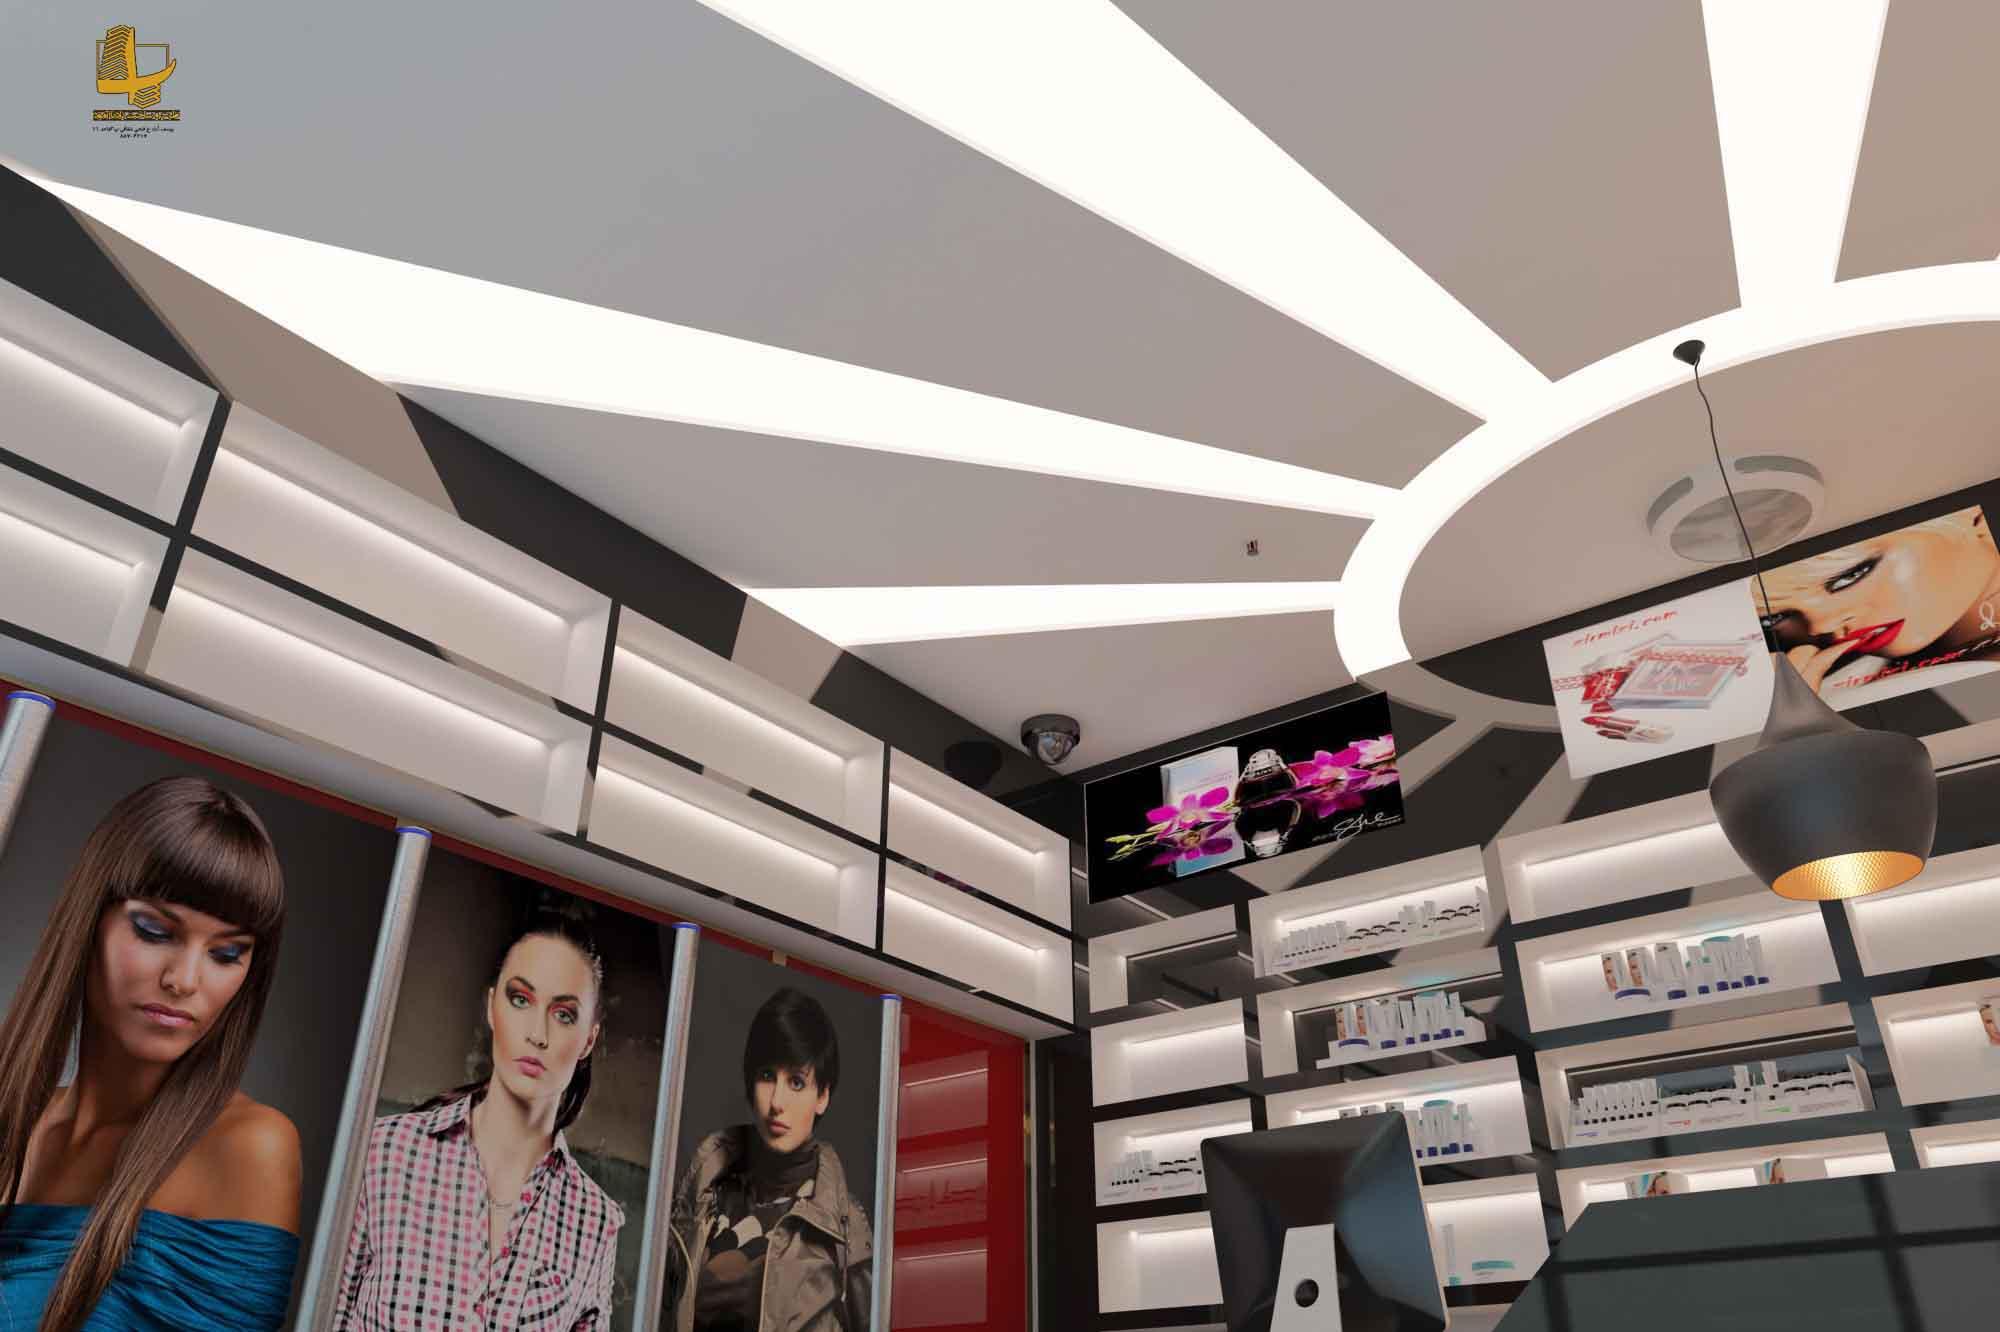 طراحی داخلی فروشگاه